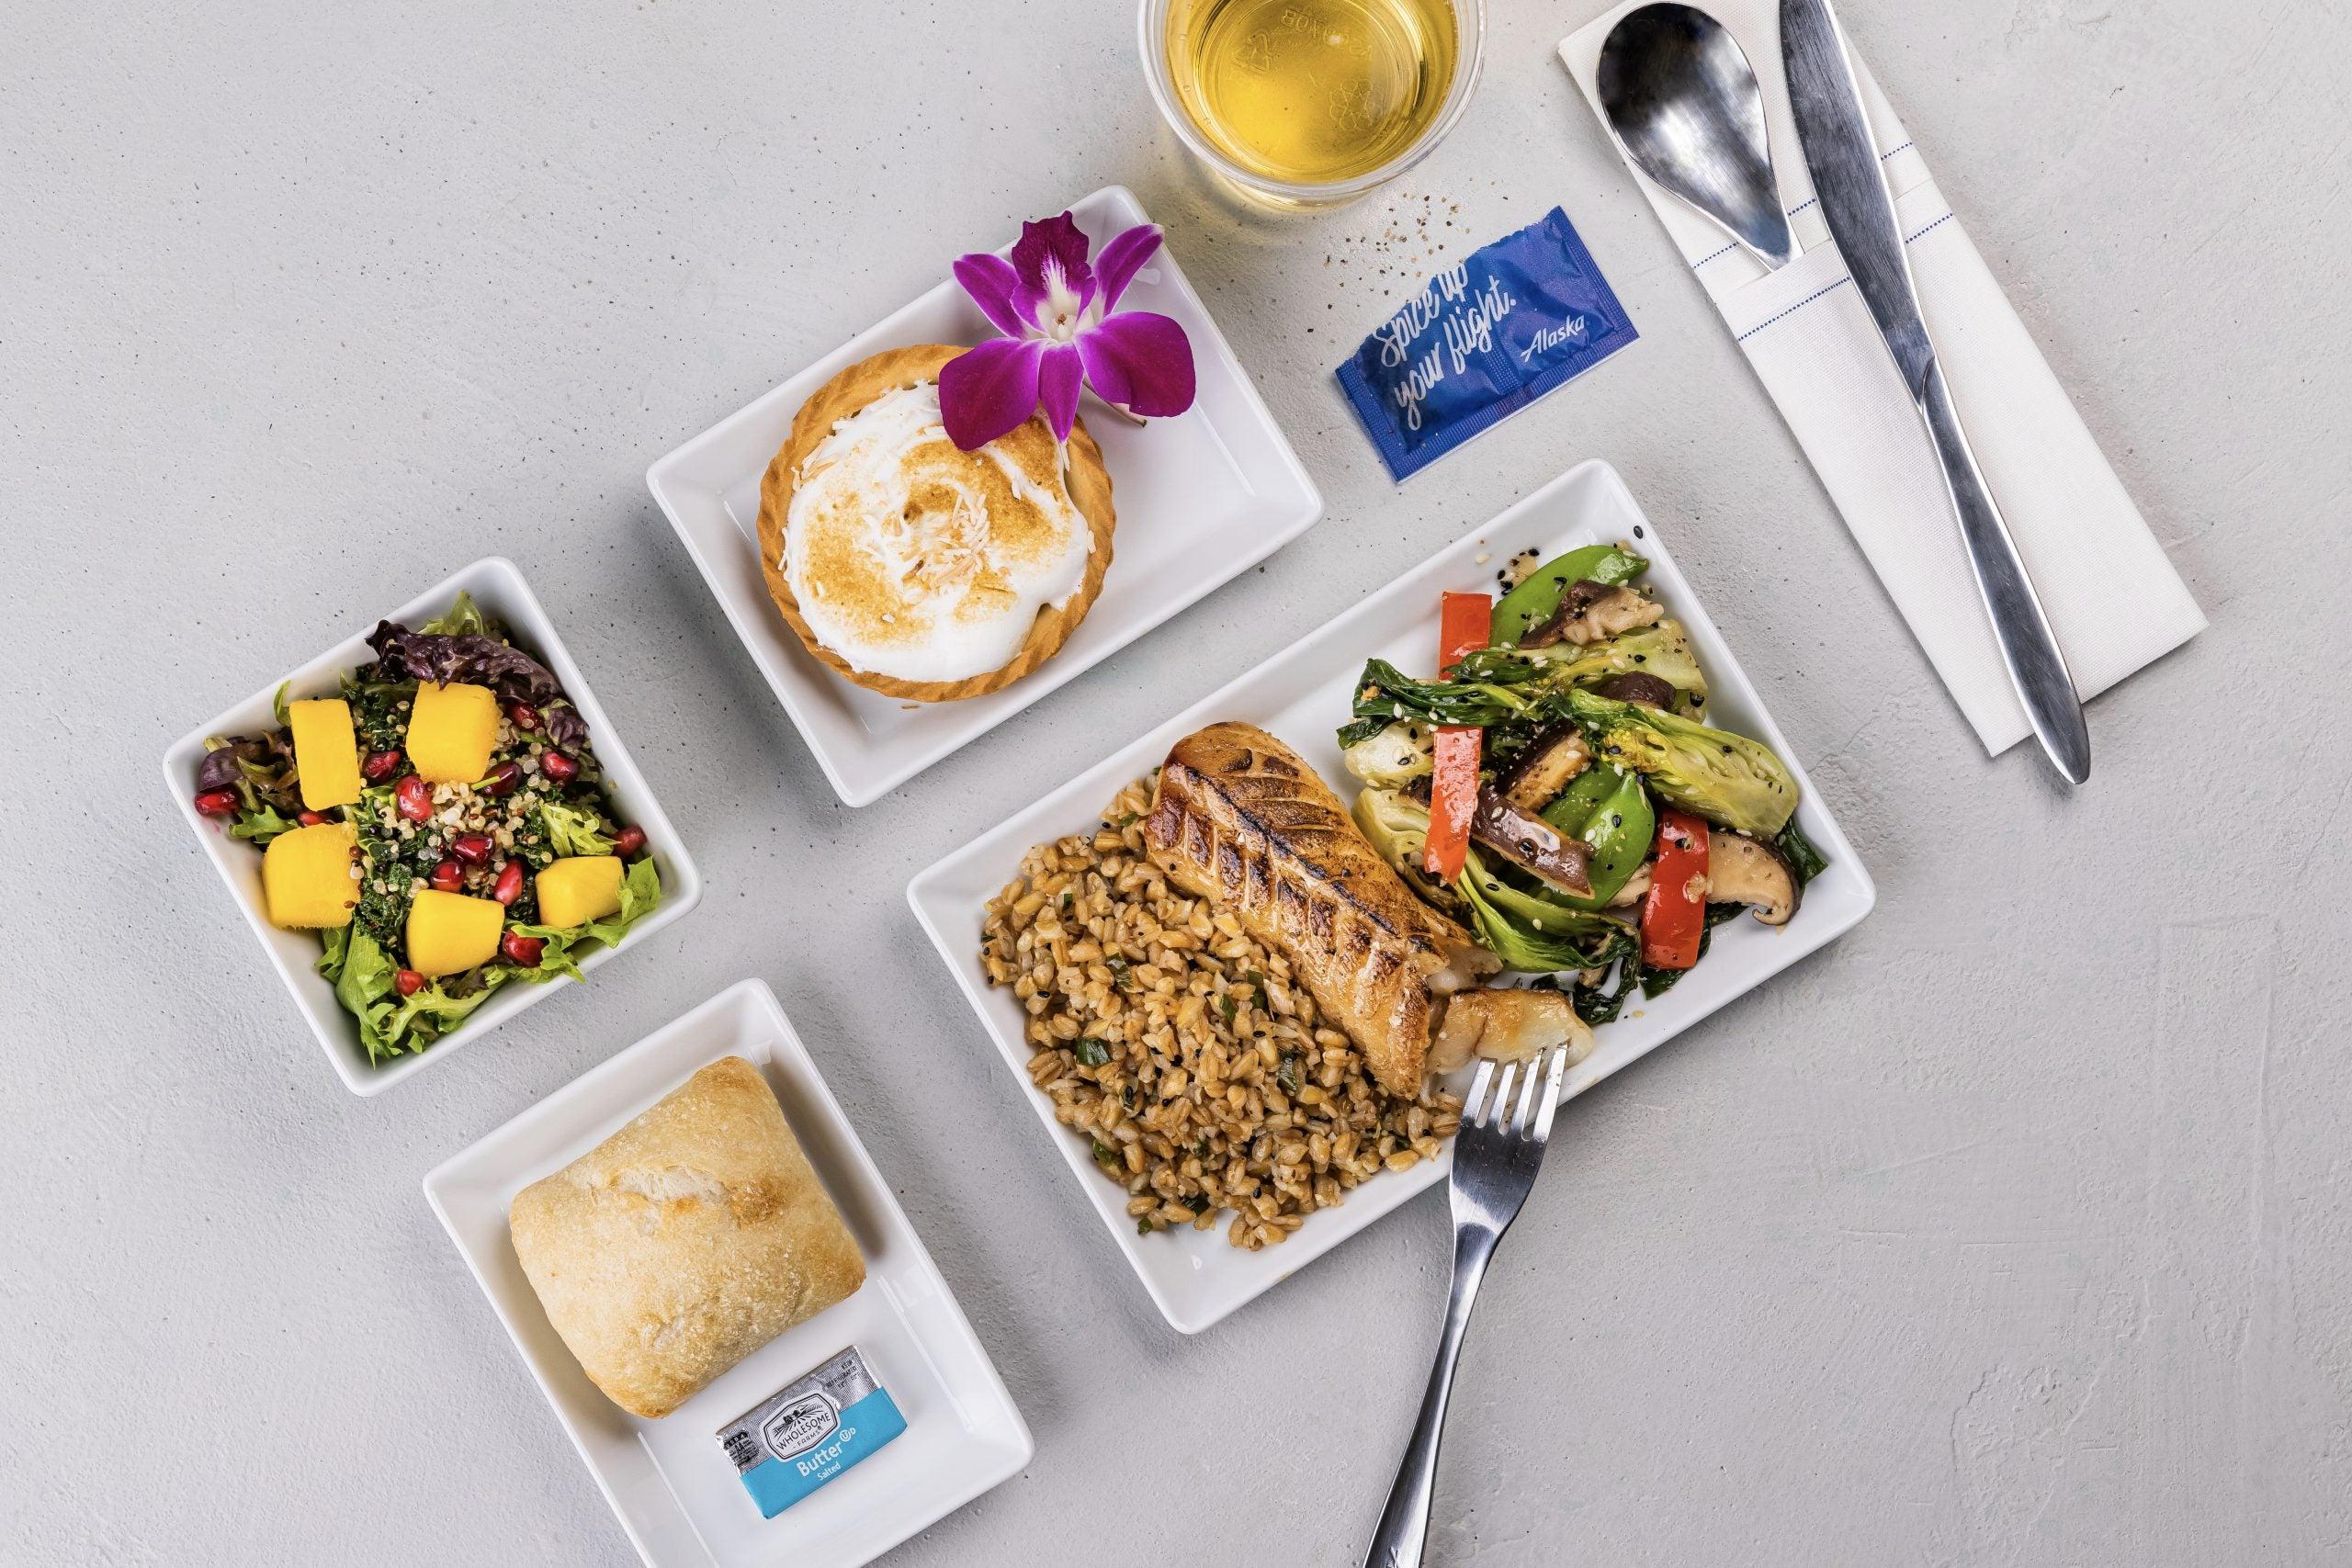 Alaska first class meal